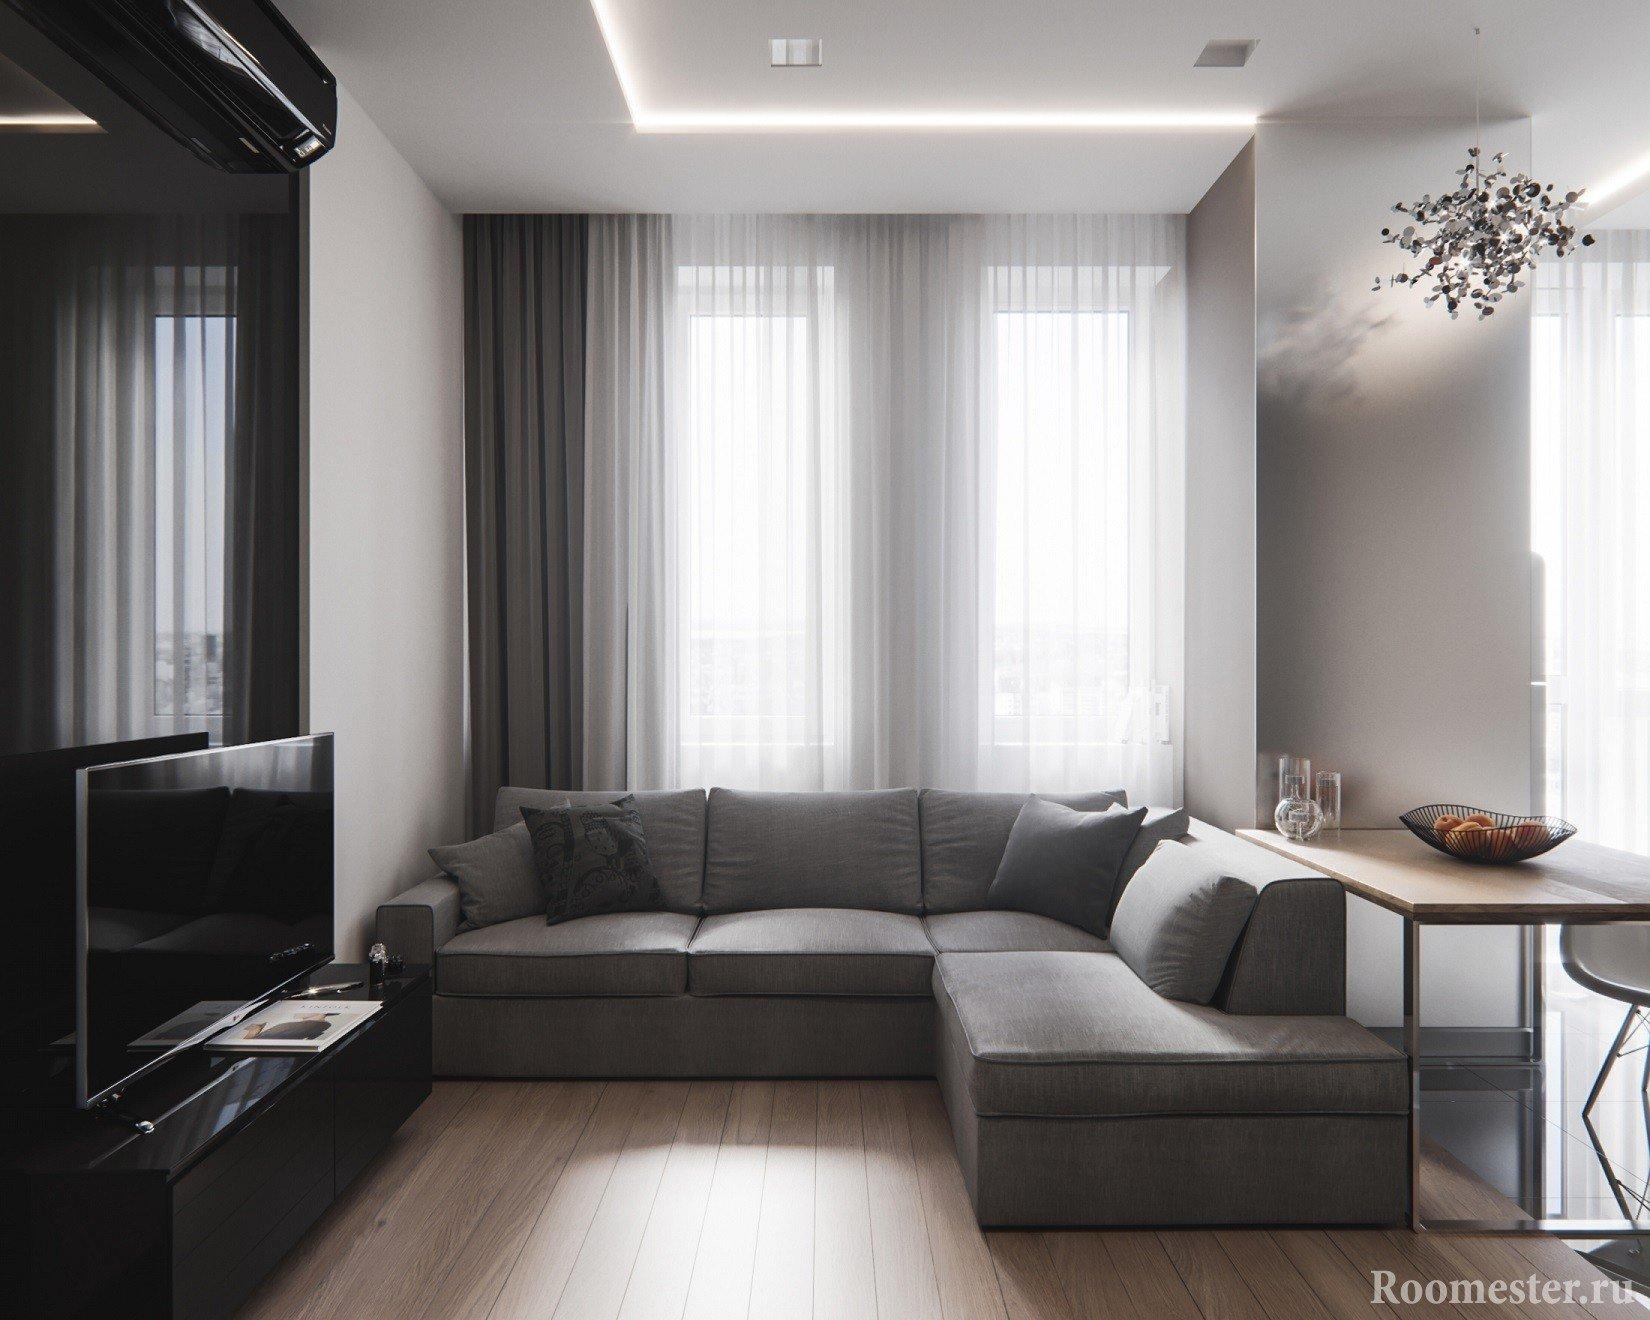 Вид на гостиную со стороны спального места